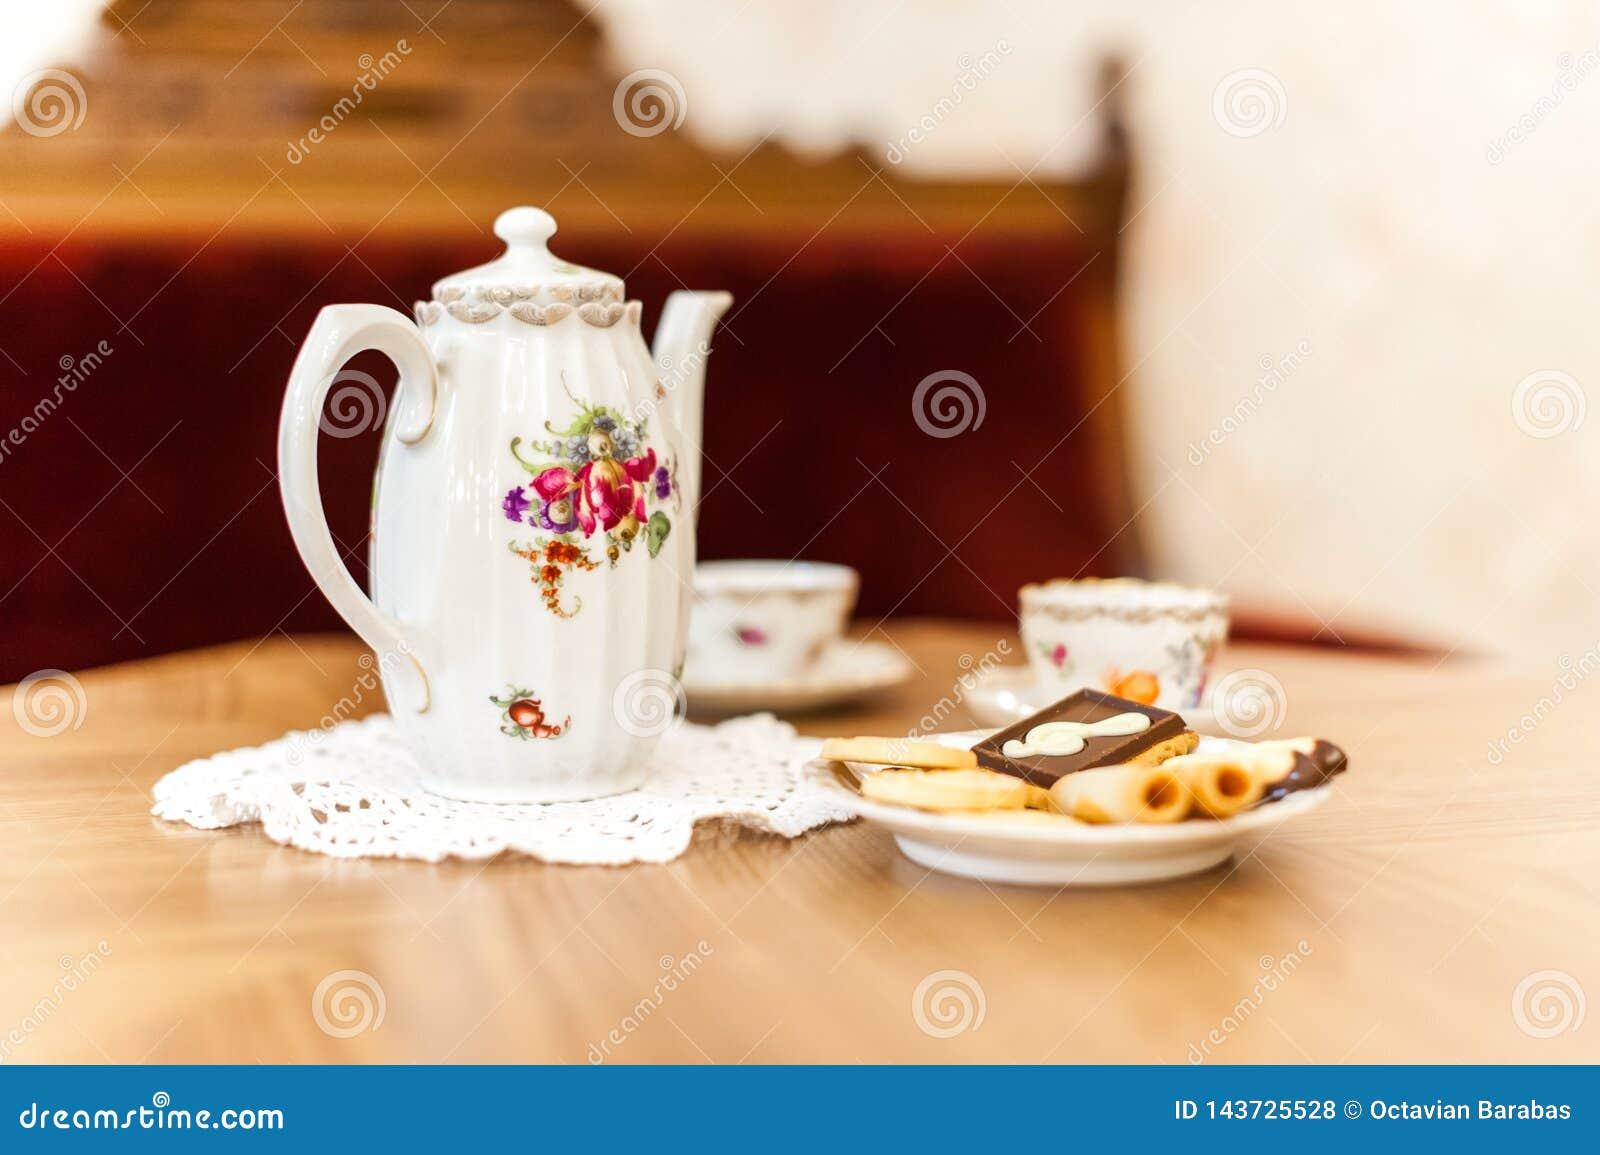 Herbaciany ustawiający z bisquits na drewnianym stole